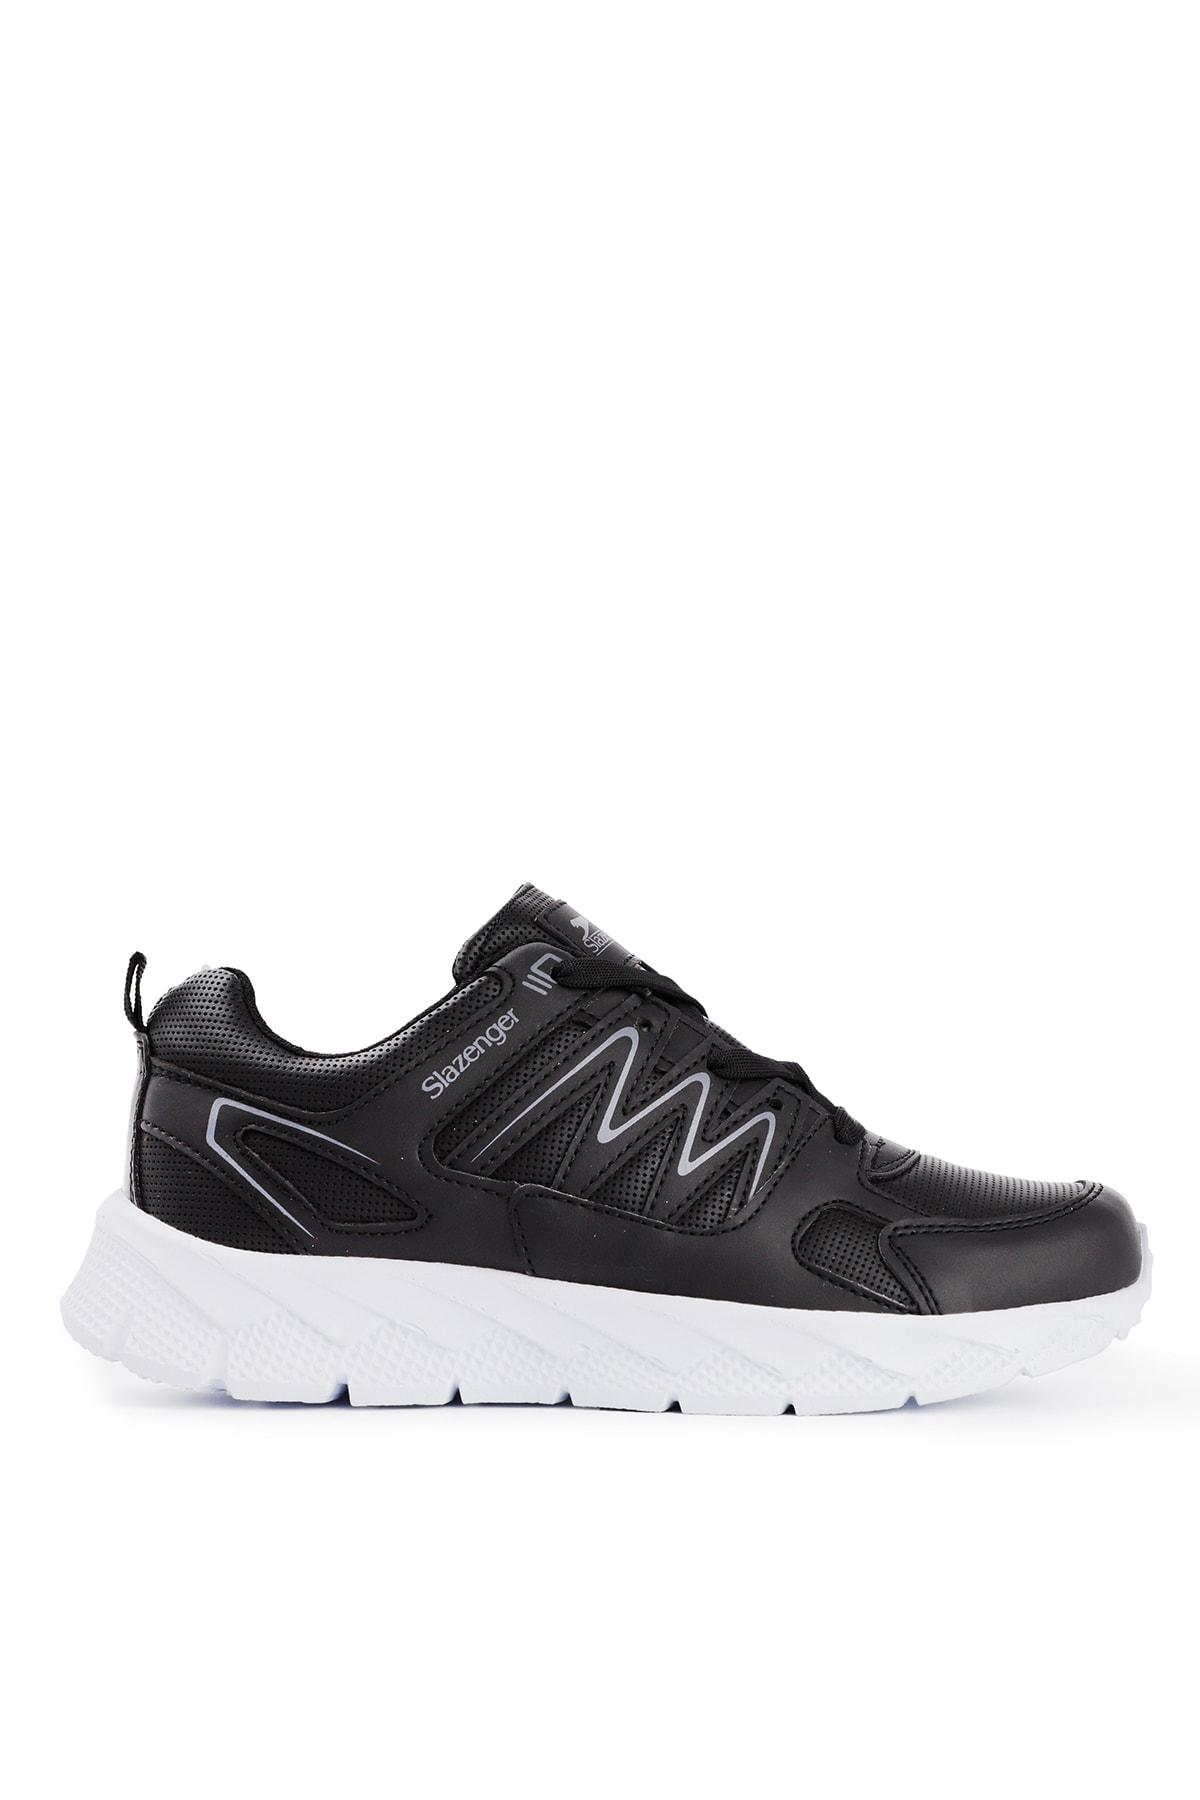 Slazenger Kronos Koşu & Yürüyüş Kadın Ayakkabı Siyah / Beyaz 1